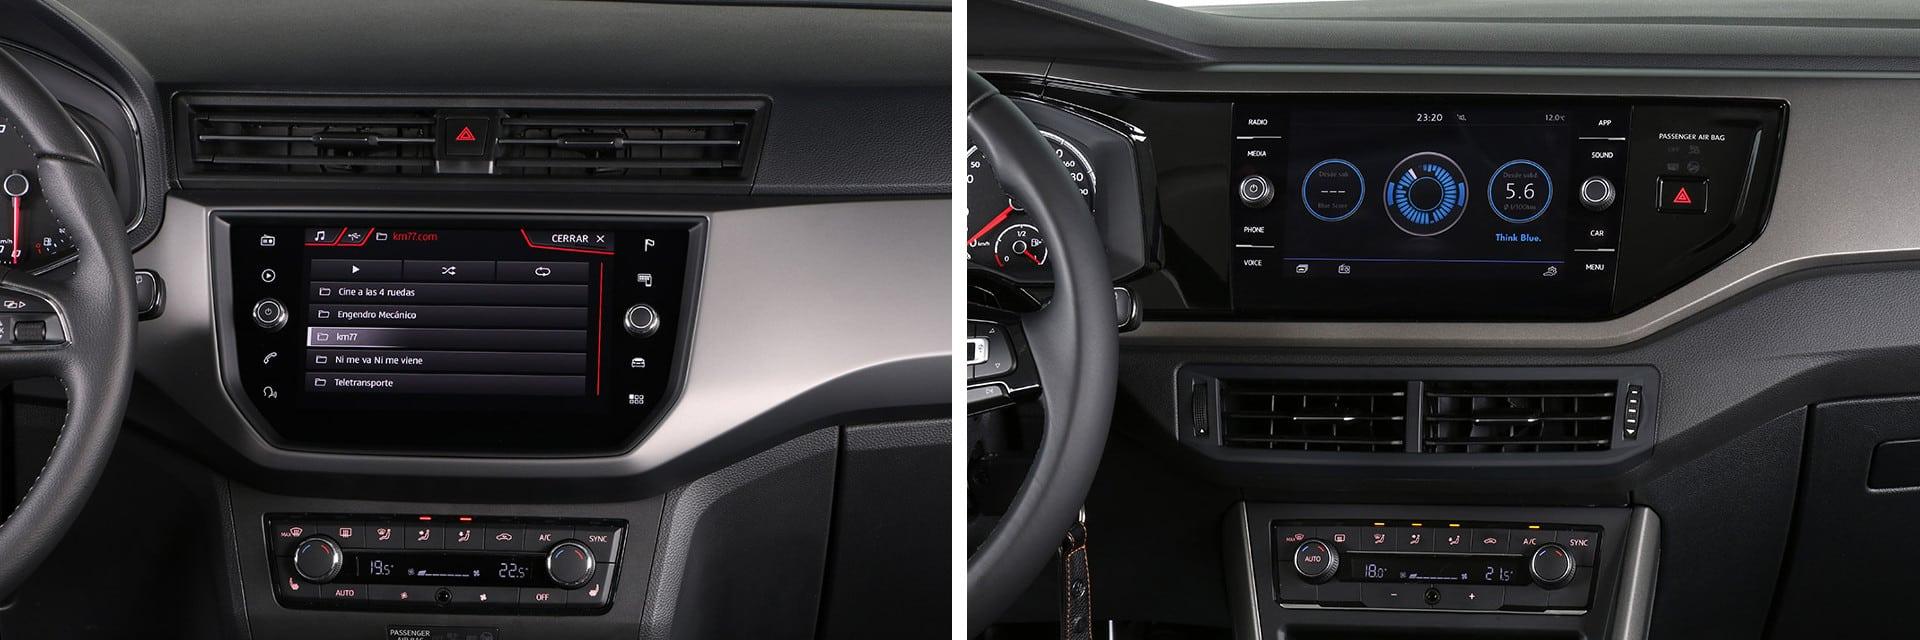 A diferencia de la del Ibiza (izq.), la pantalla central del Polo (dcha.) es compatible con Apple CarPlay y Android Auto y dispone de la función Mirror Link que replica la pantalla de un teléfono móvil.